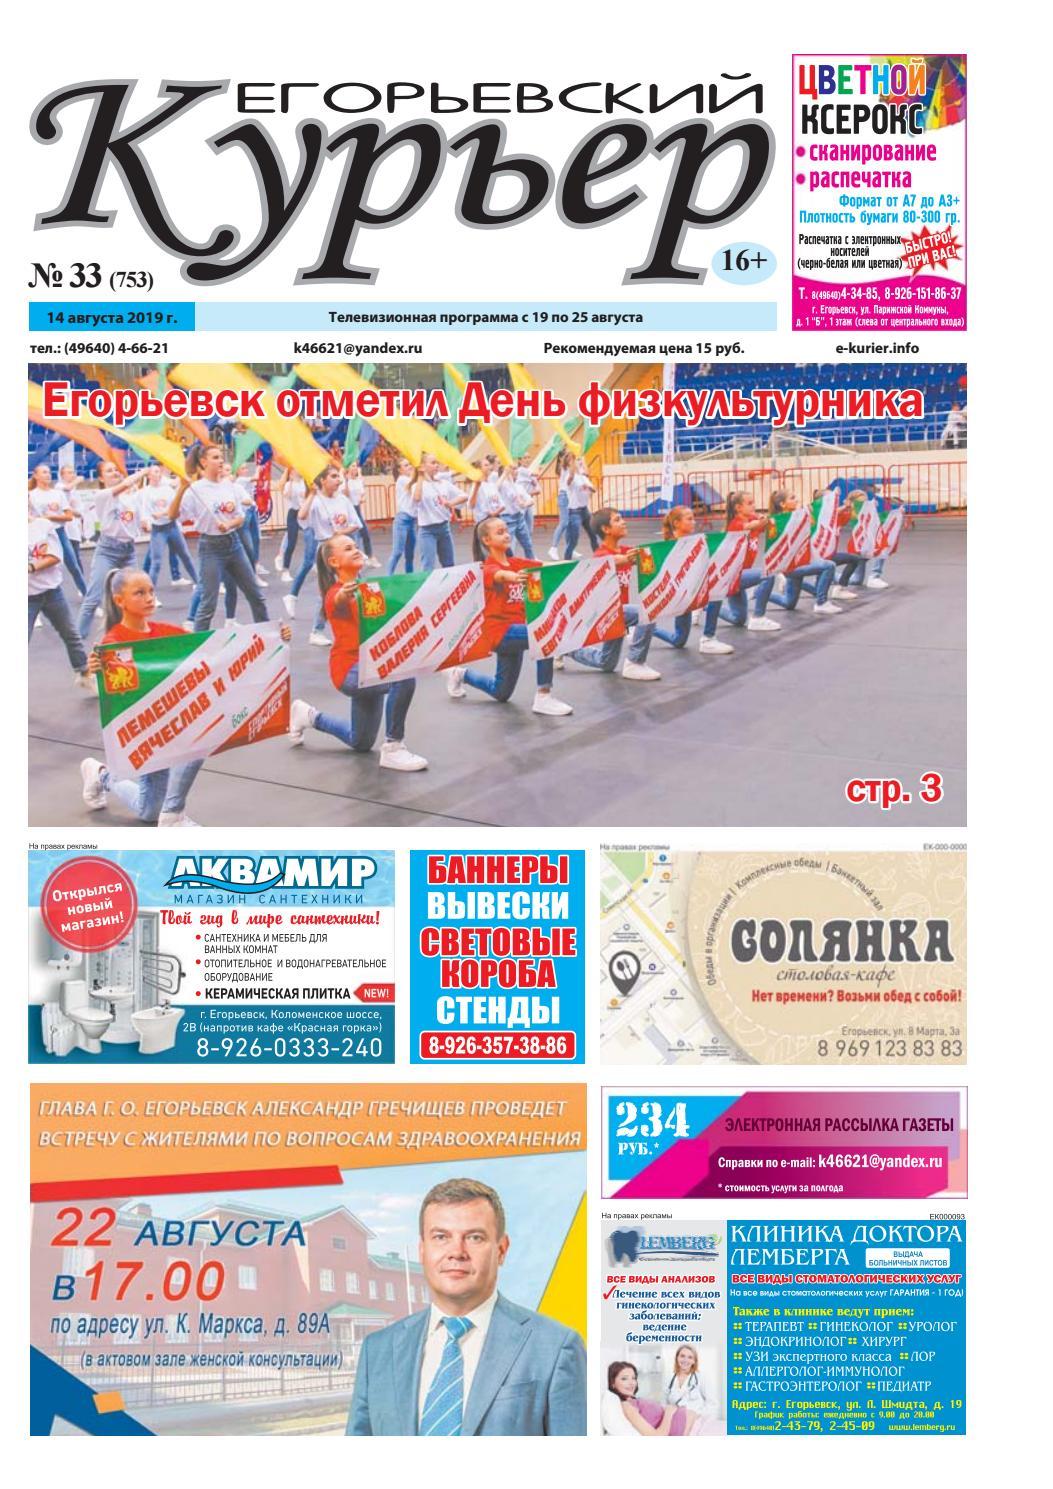 Егорьевск работа для девушек в работа в минске для девушек без опыта работы свежие вакансии